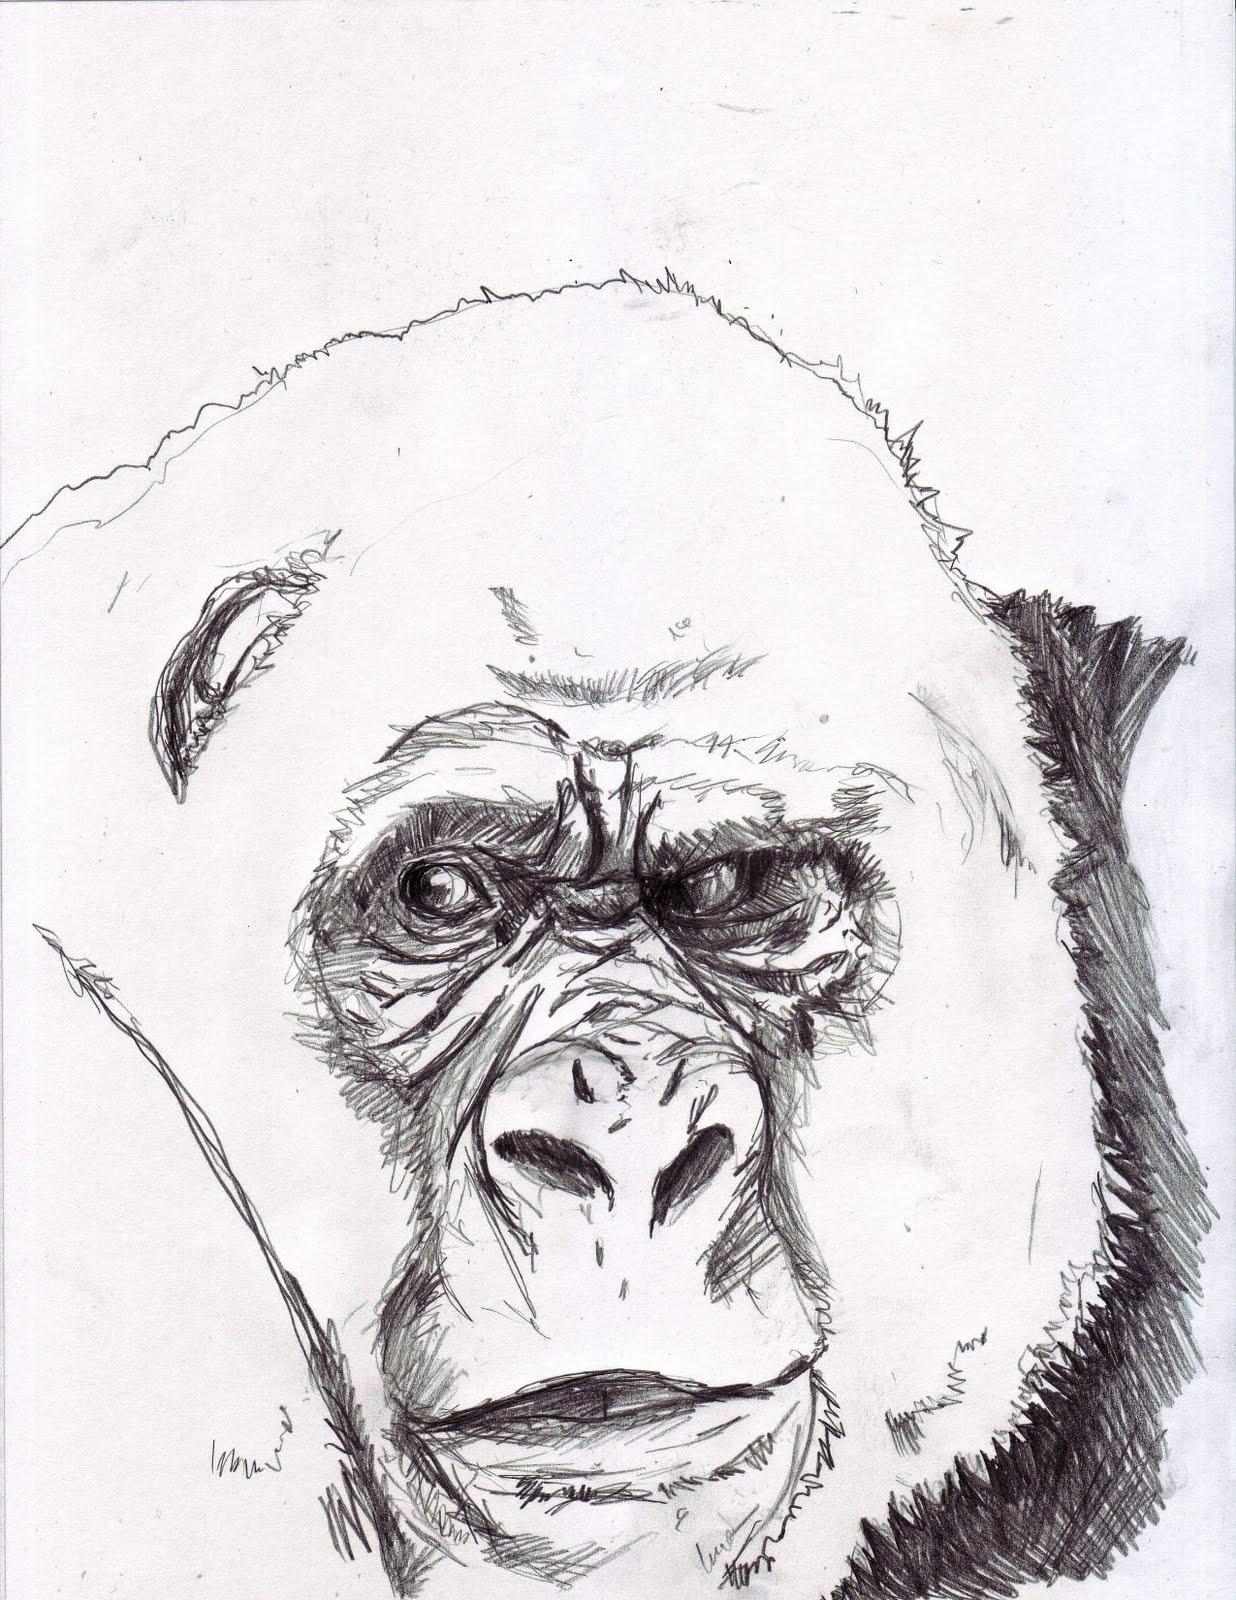 [Gorilla]